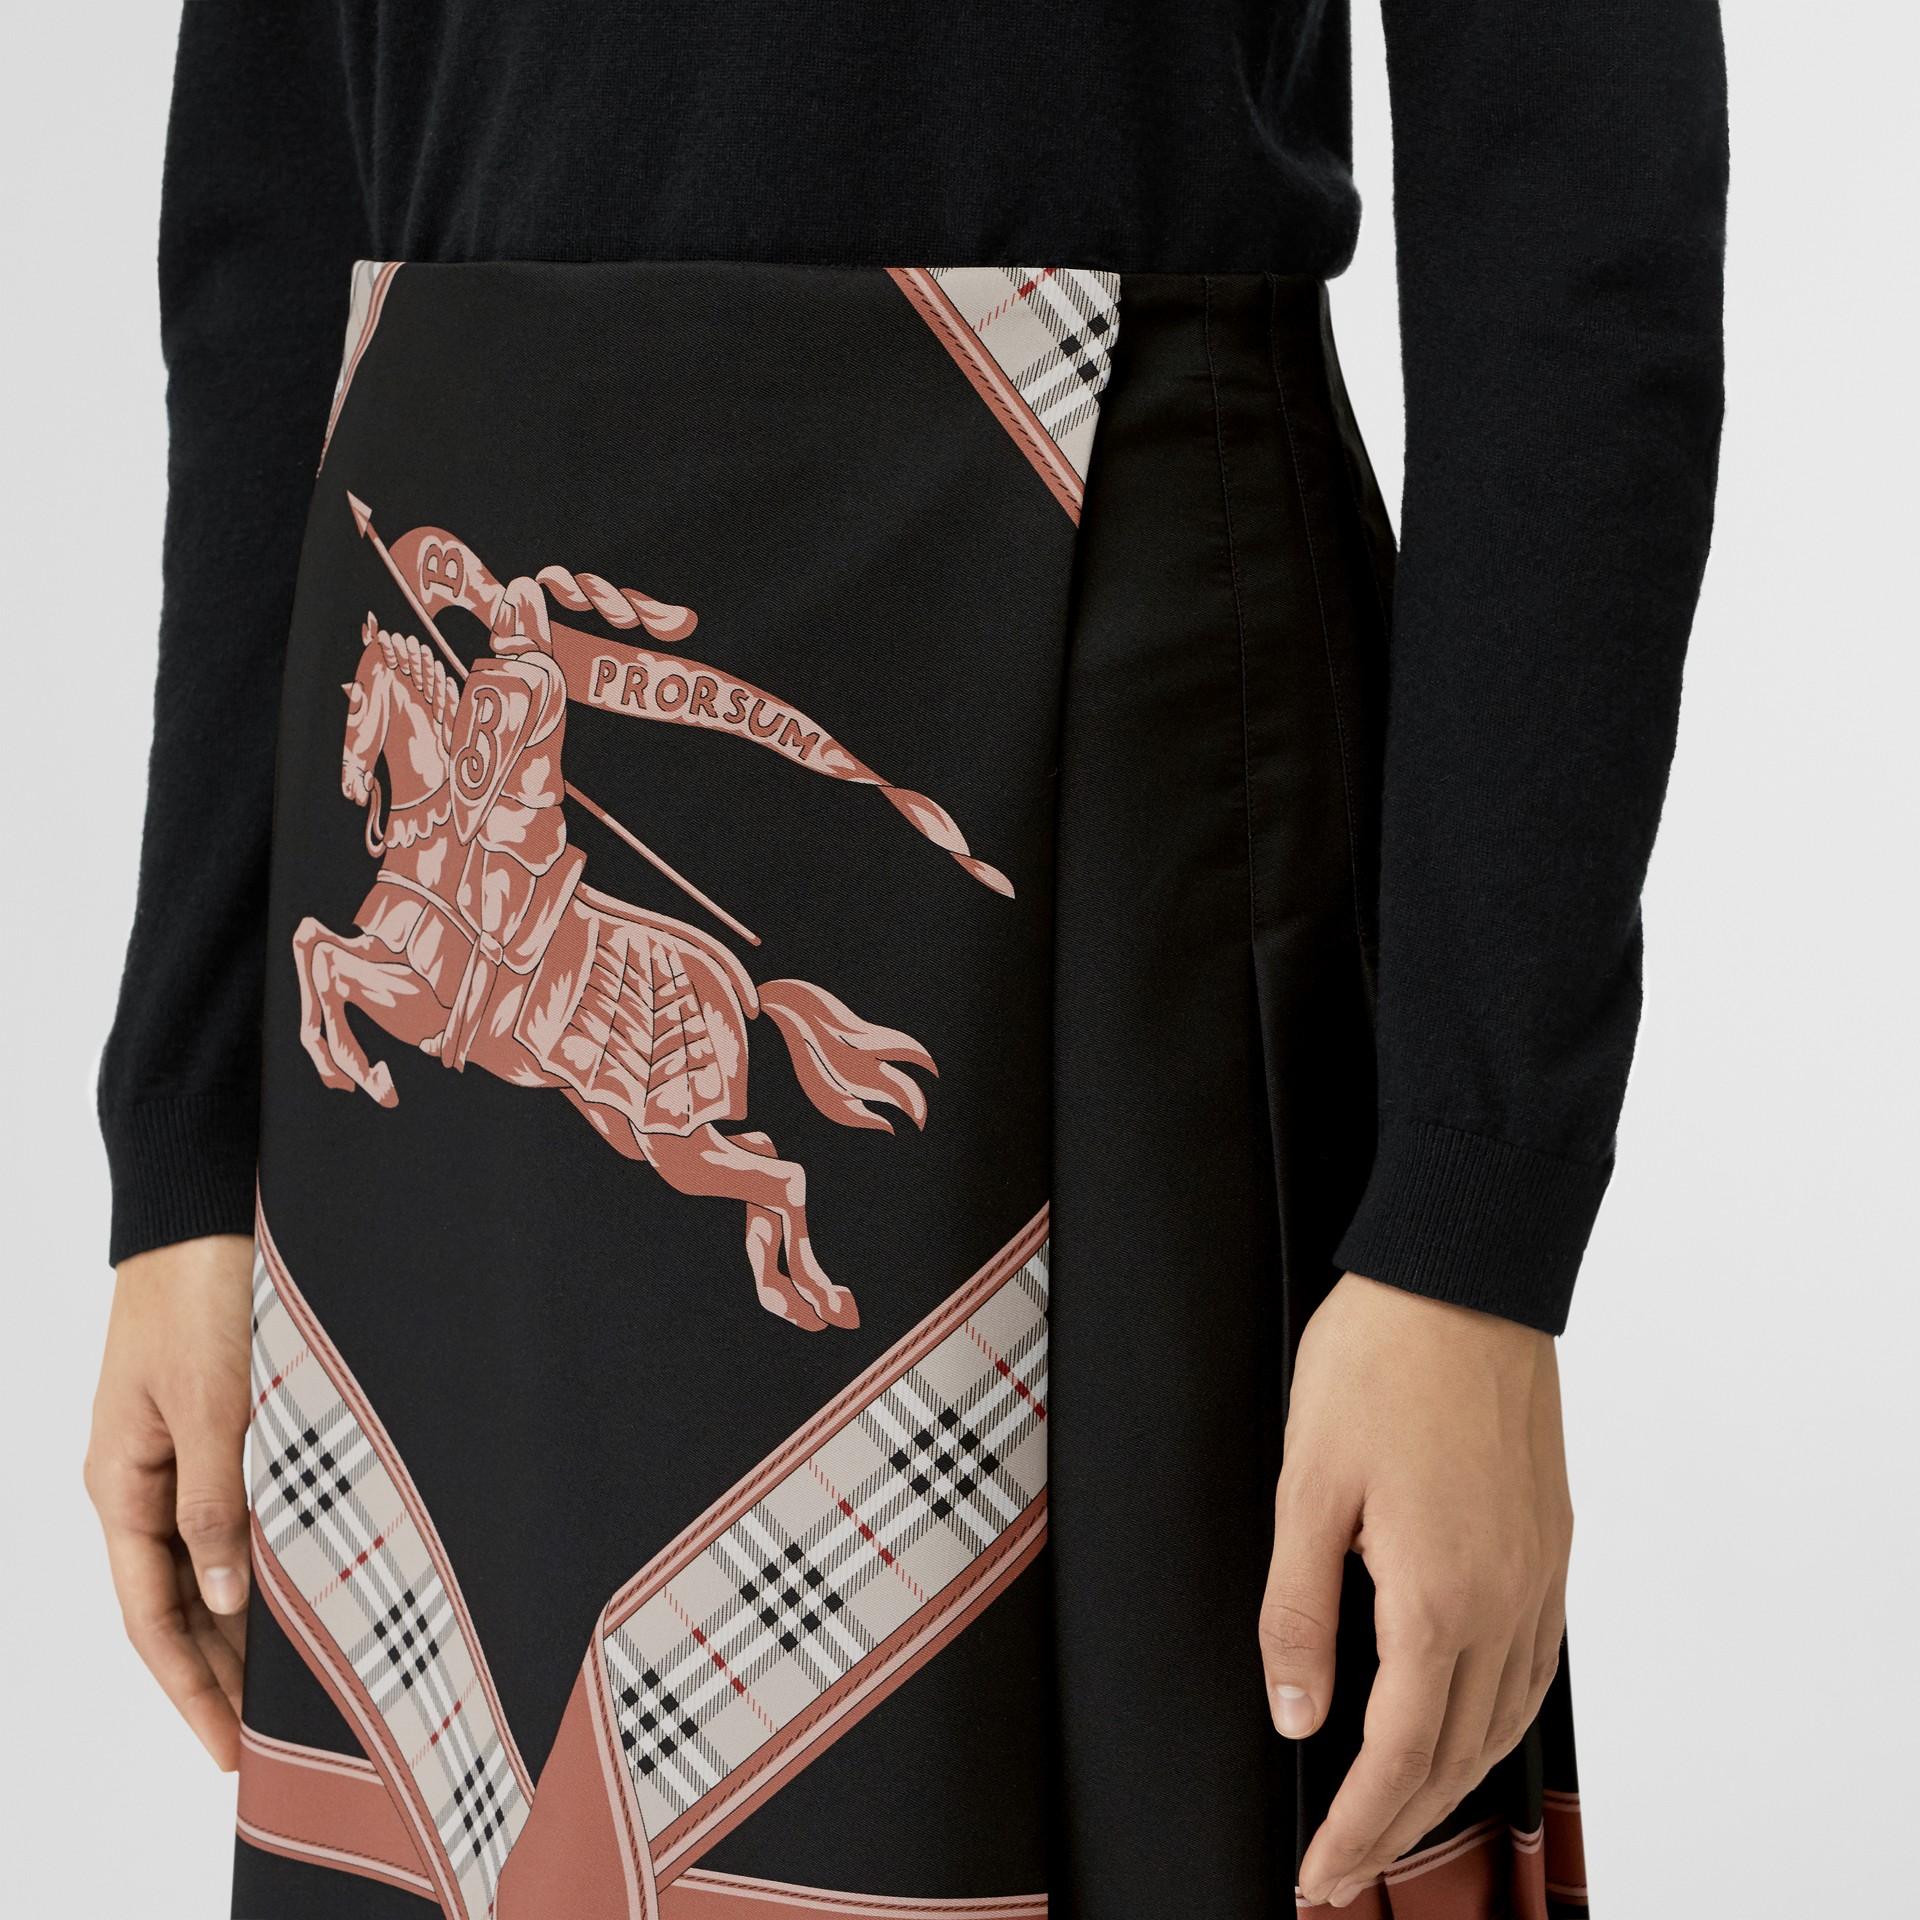 典藏圍巾印花蘇格蘭裙 (多色) - 女款 | Burberry - 圖庫照片 1